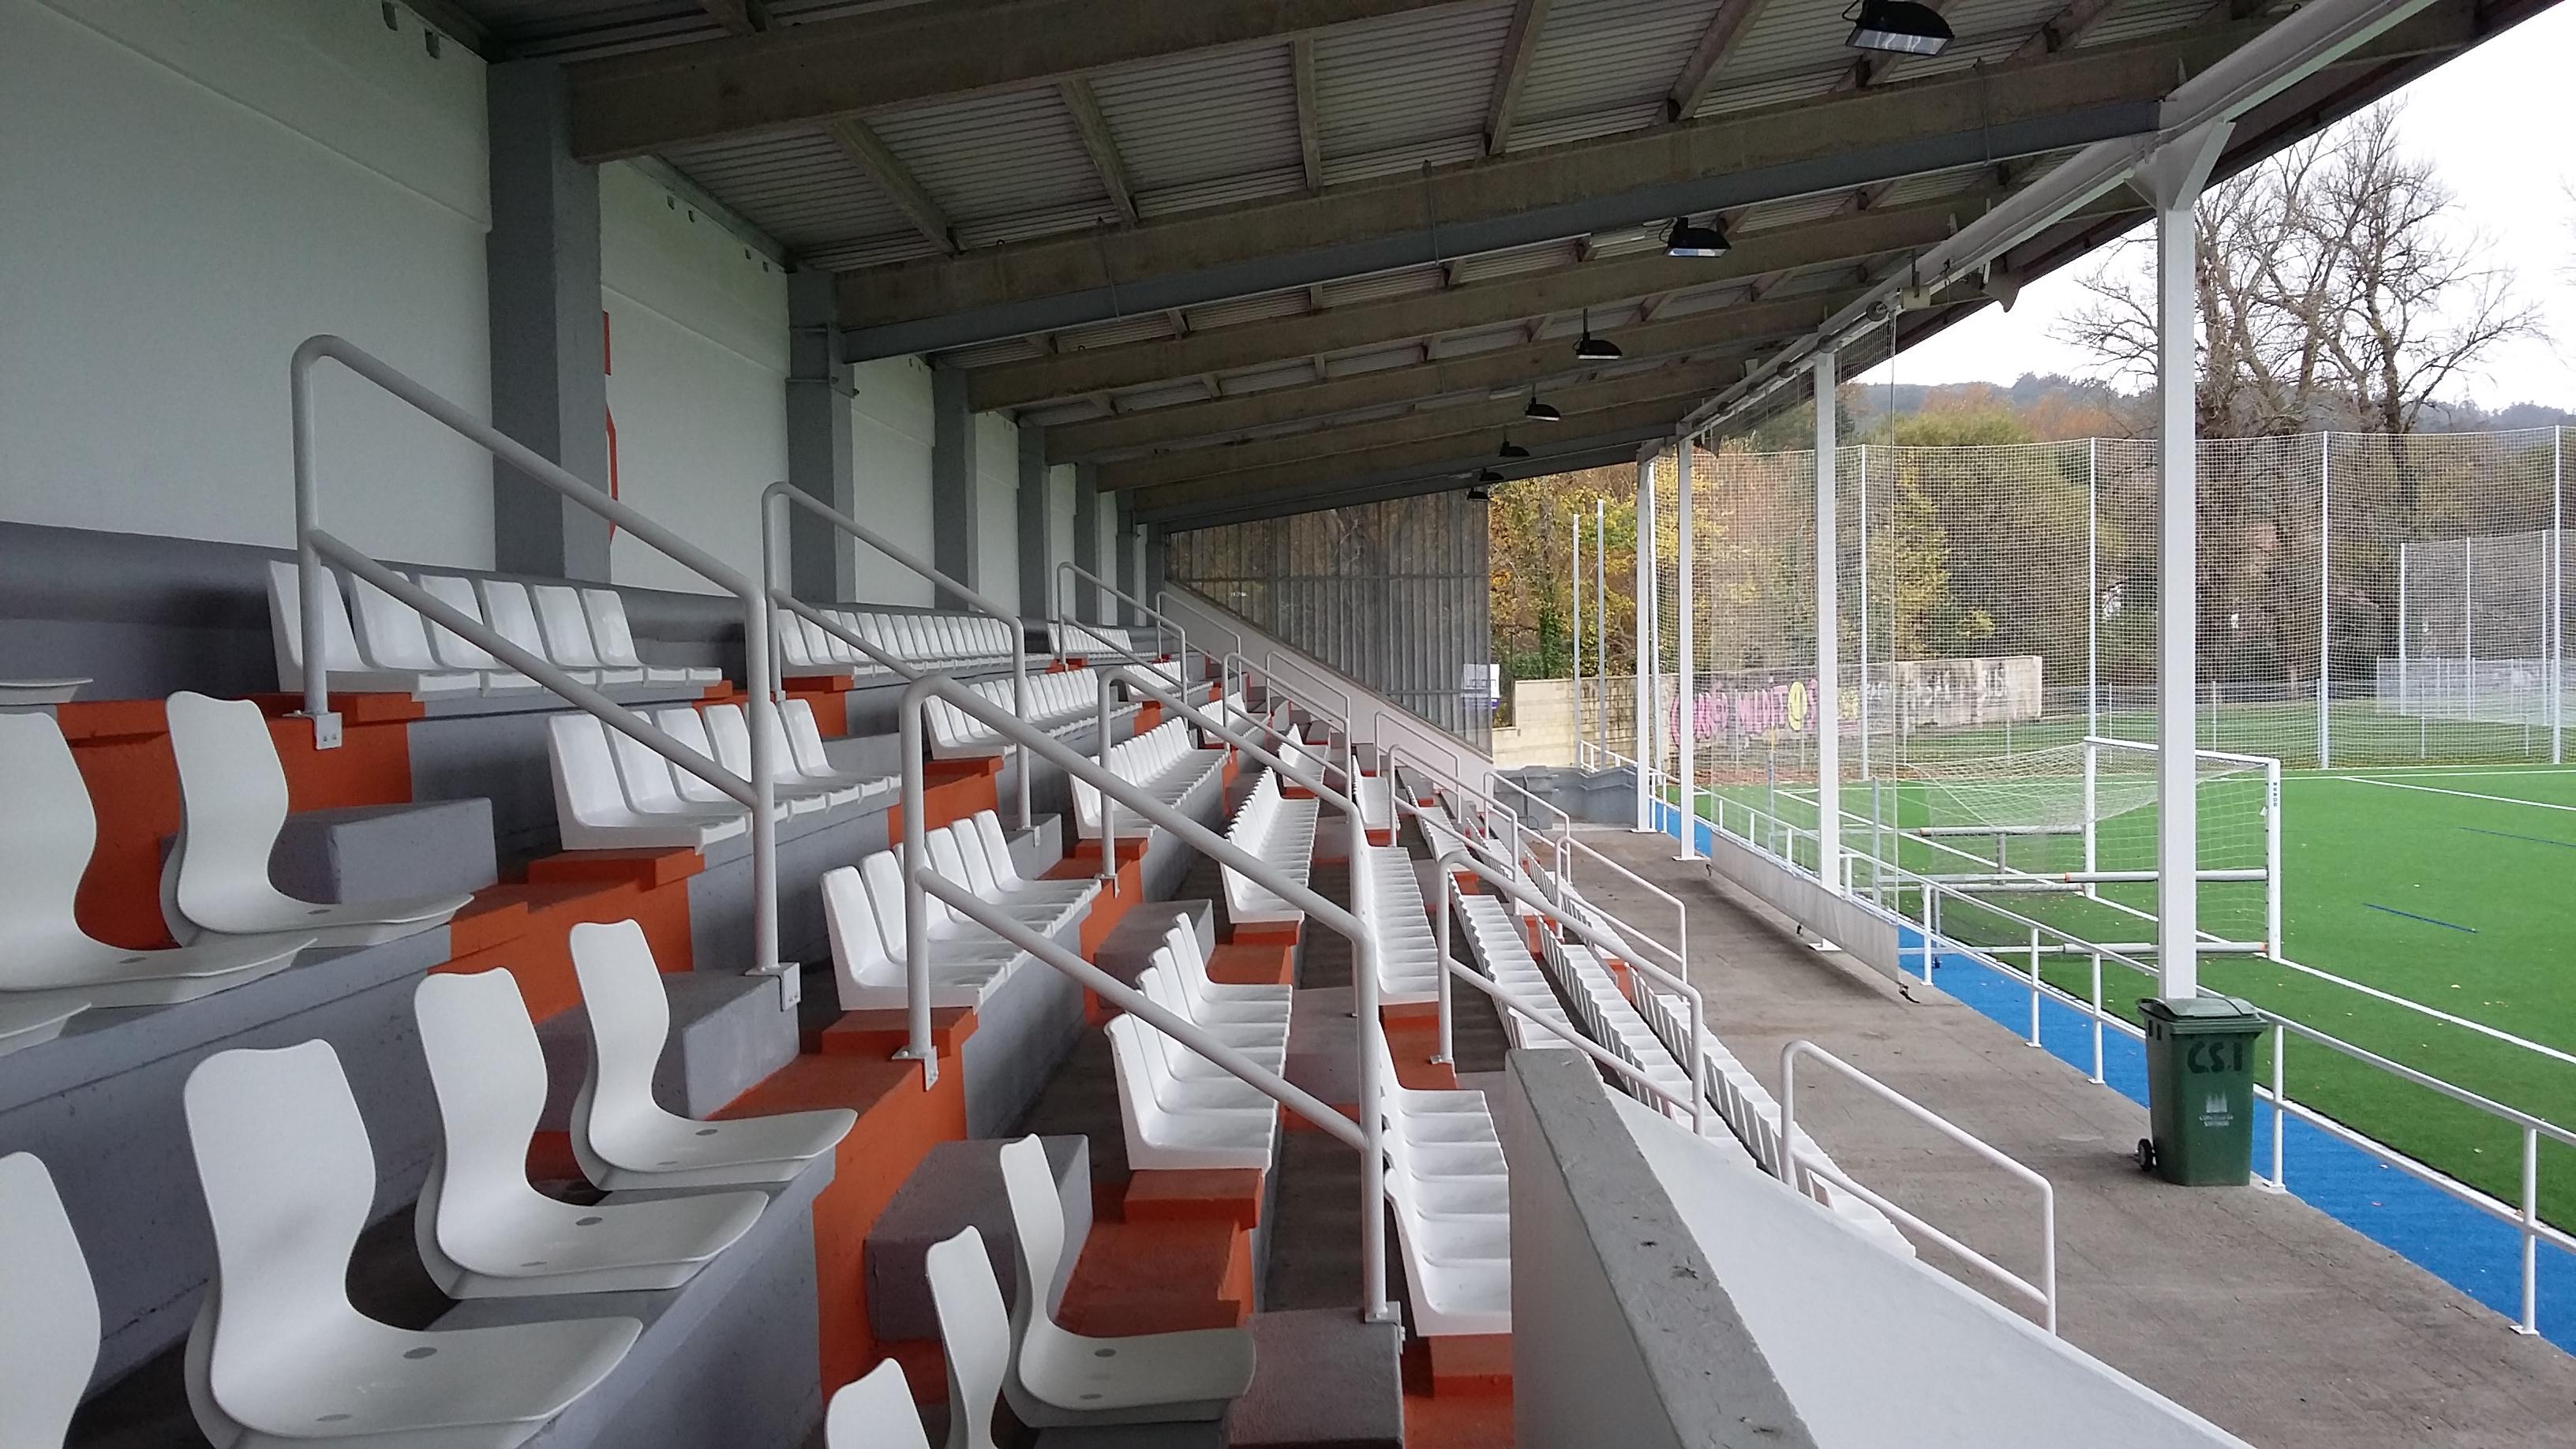 Mejora De Las Condiciones De Accesibilidad En El Campo De Fútbol De Santa Isabel